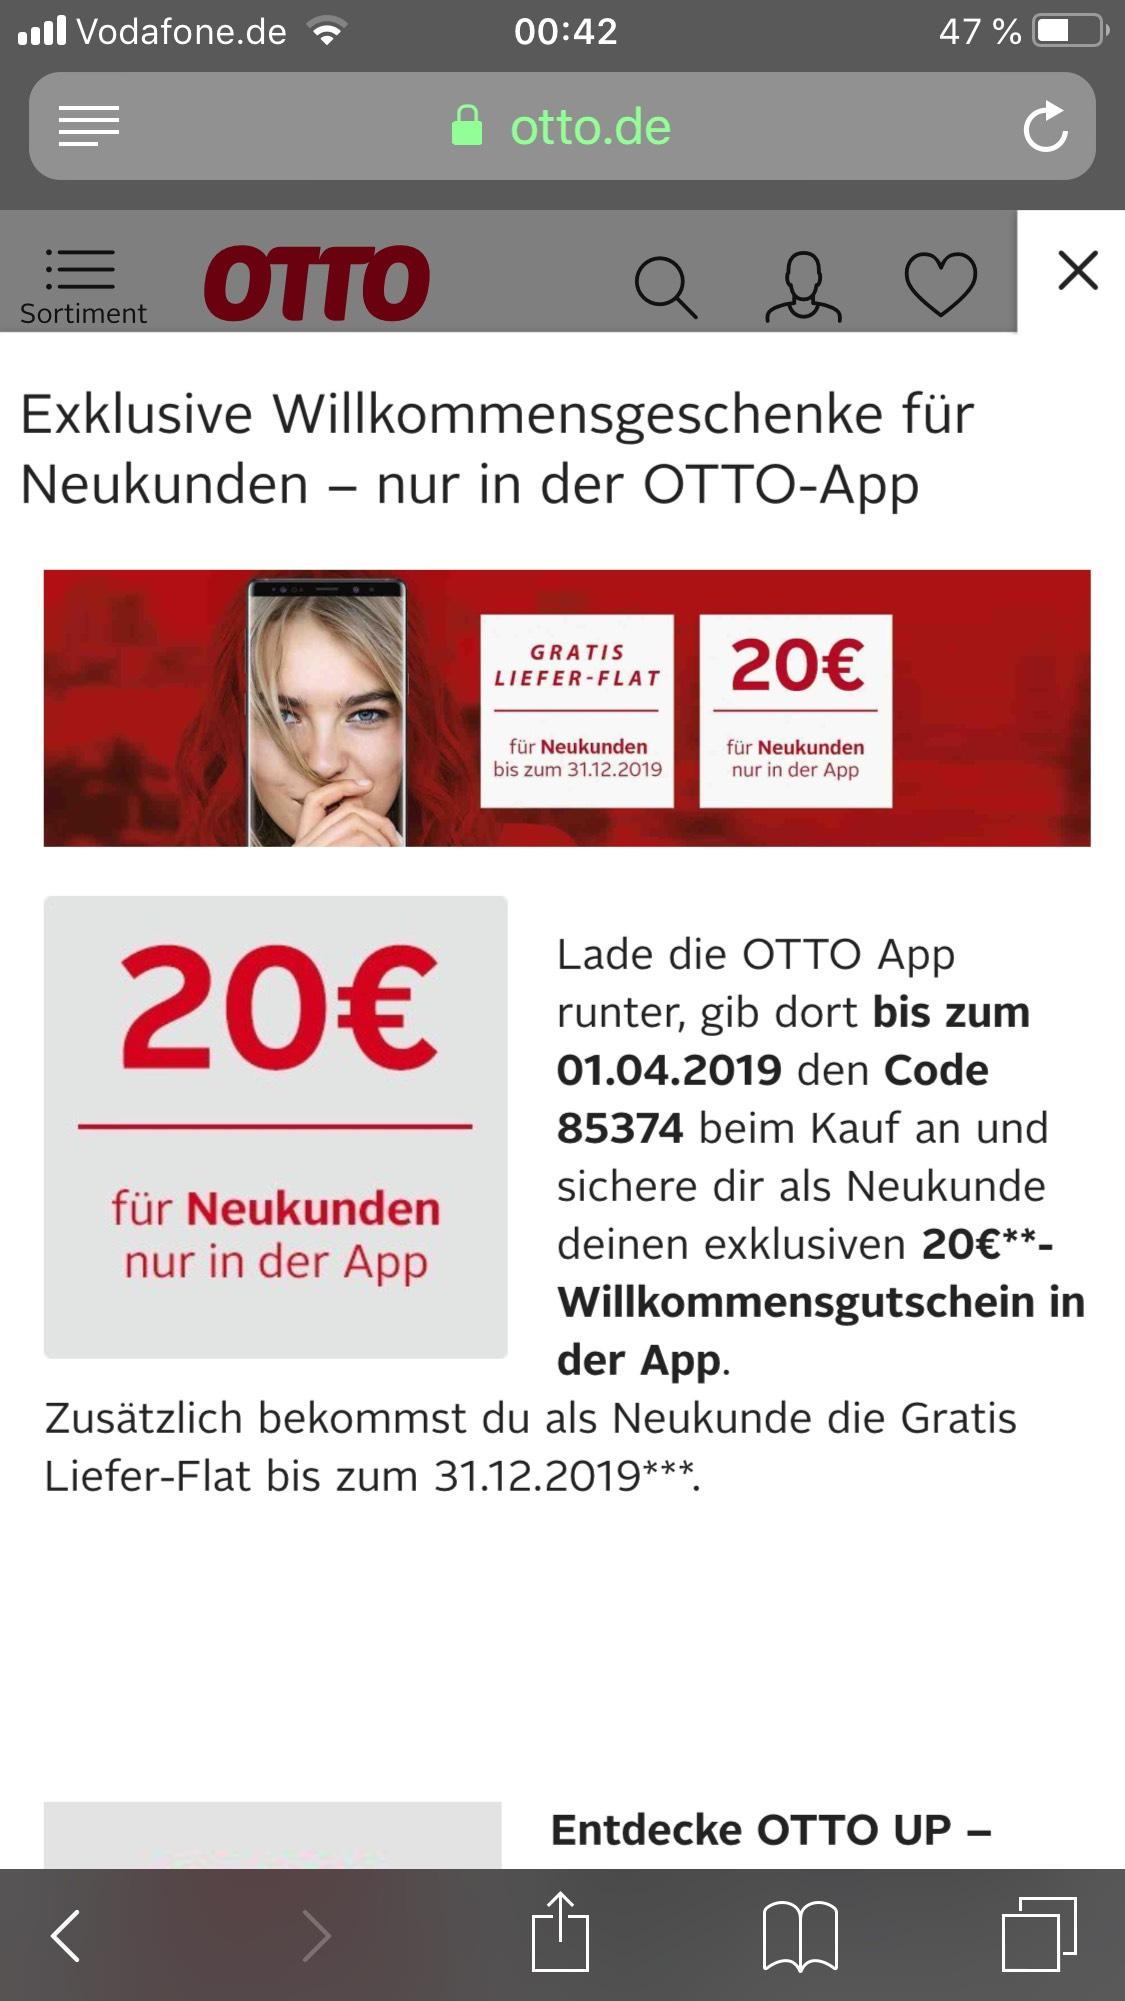 Otto Neukunden nun 20€ (50€ MBW) + Lieferflat [App]